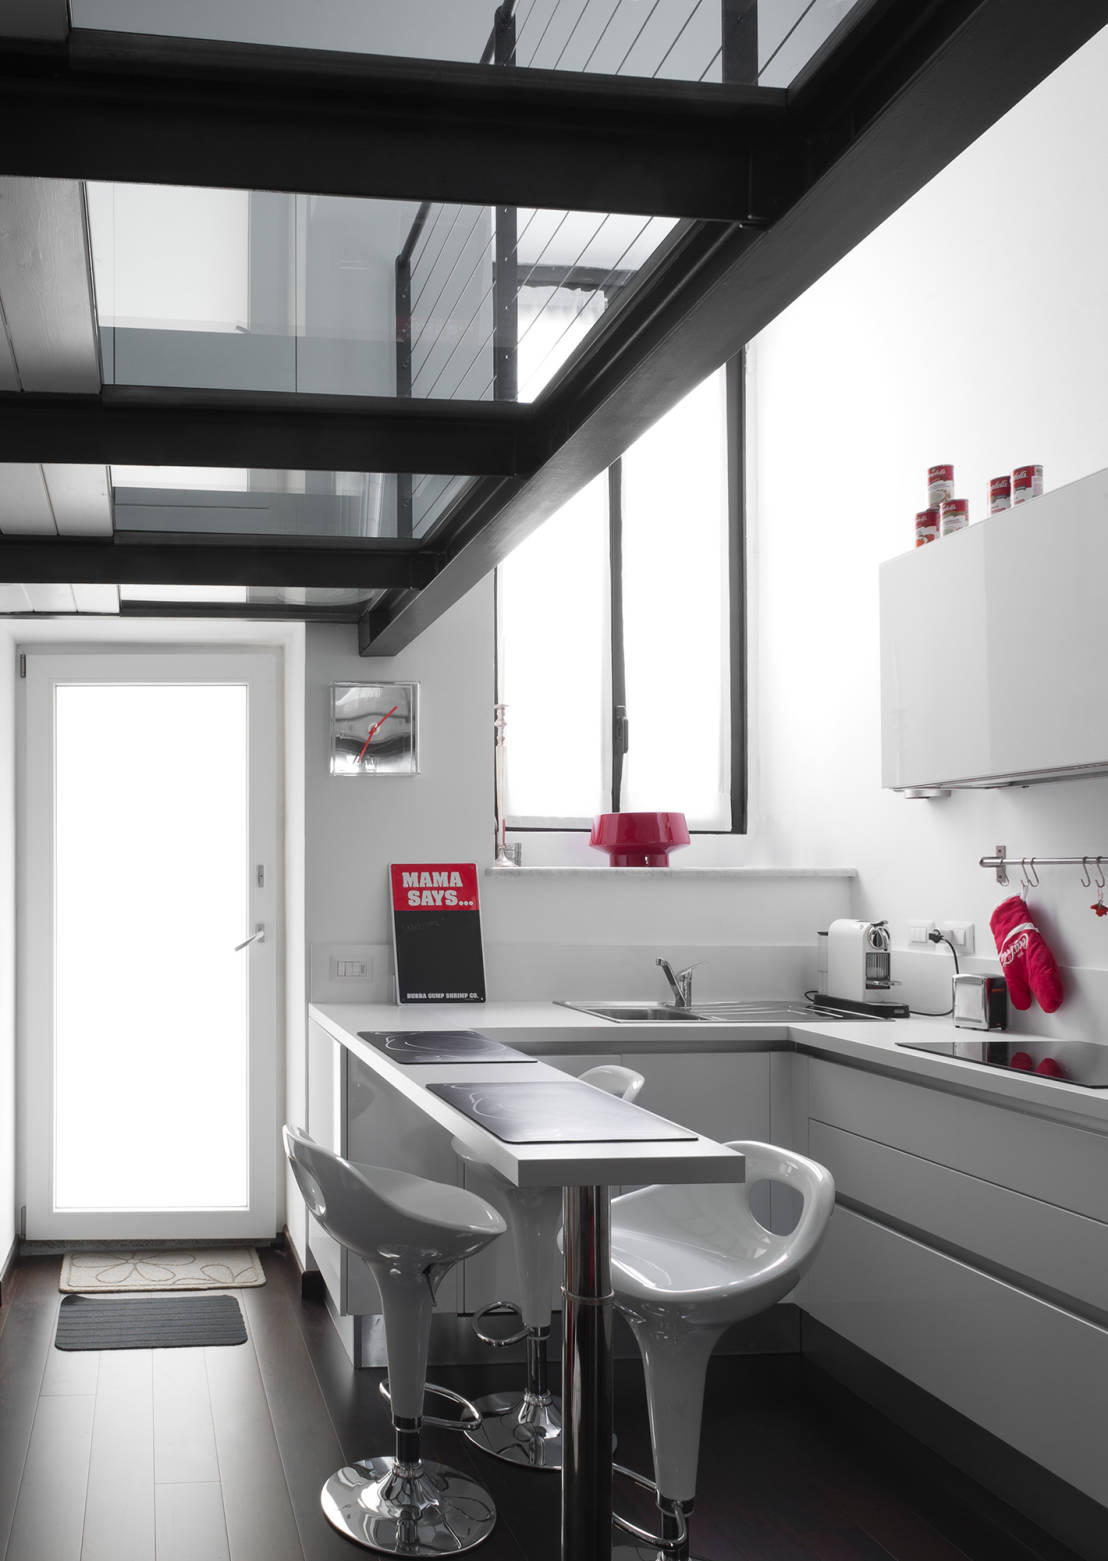 Appartamento bianco e nero a colori di architetto for Consulenza architetto gratuita